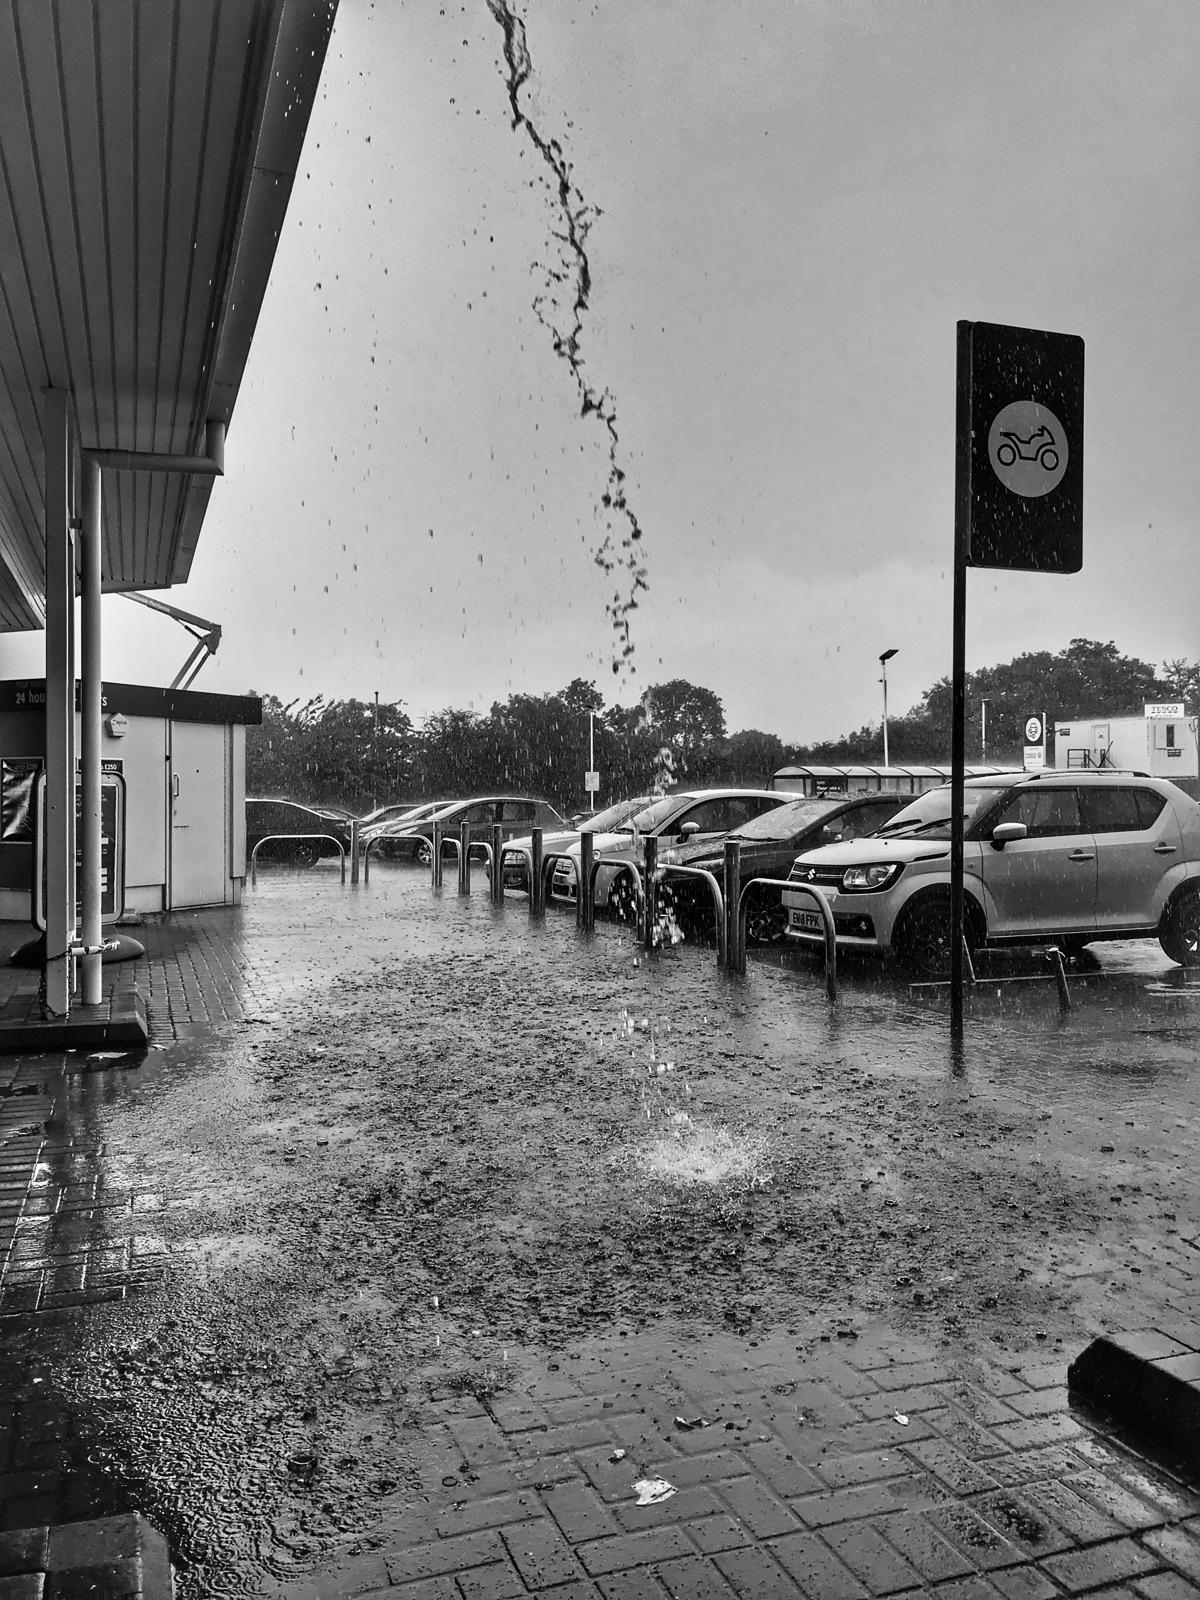 Sudden downpour (iPhone 7 Snaps - paulbines | ello